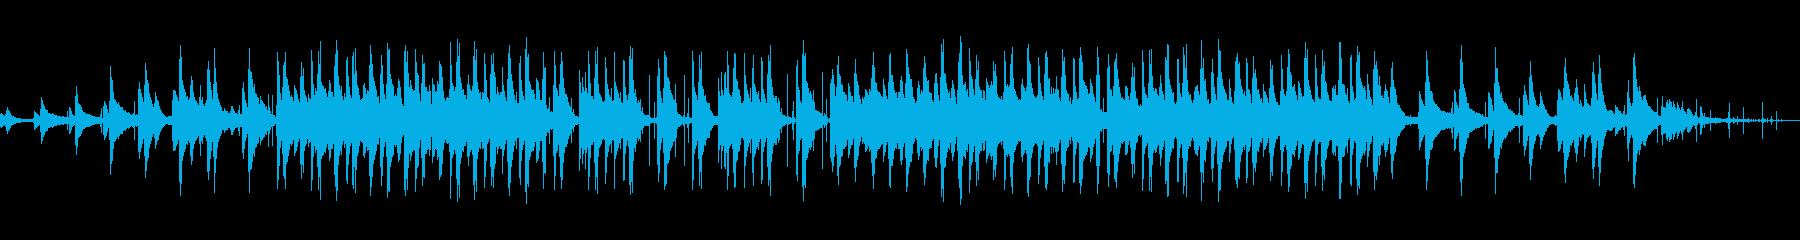 水の音が心地良いLofiJazzHopの再生済みの波形